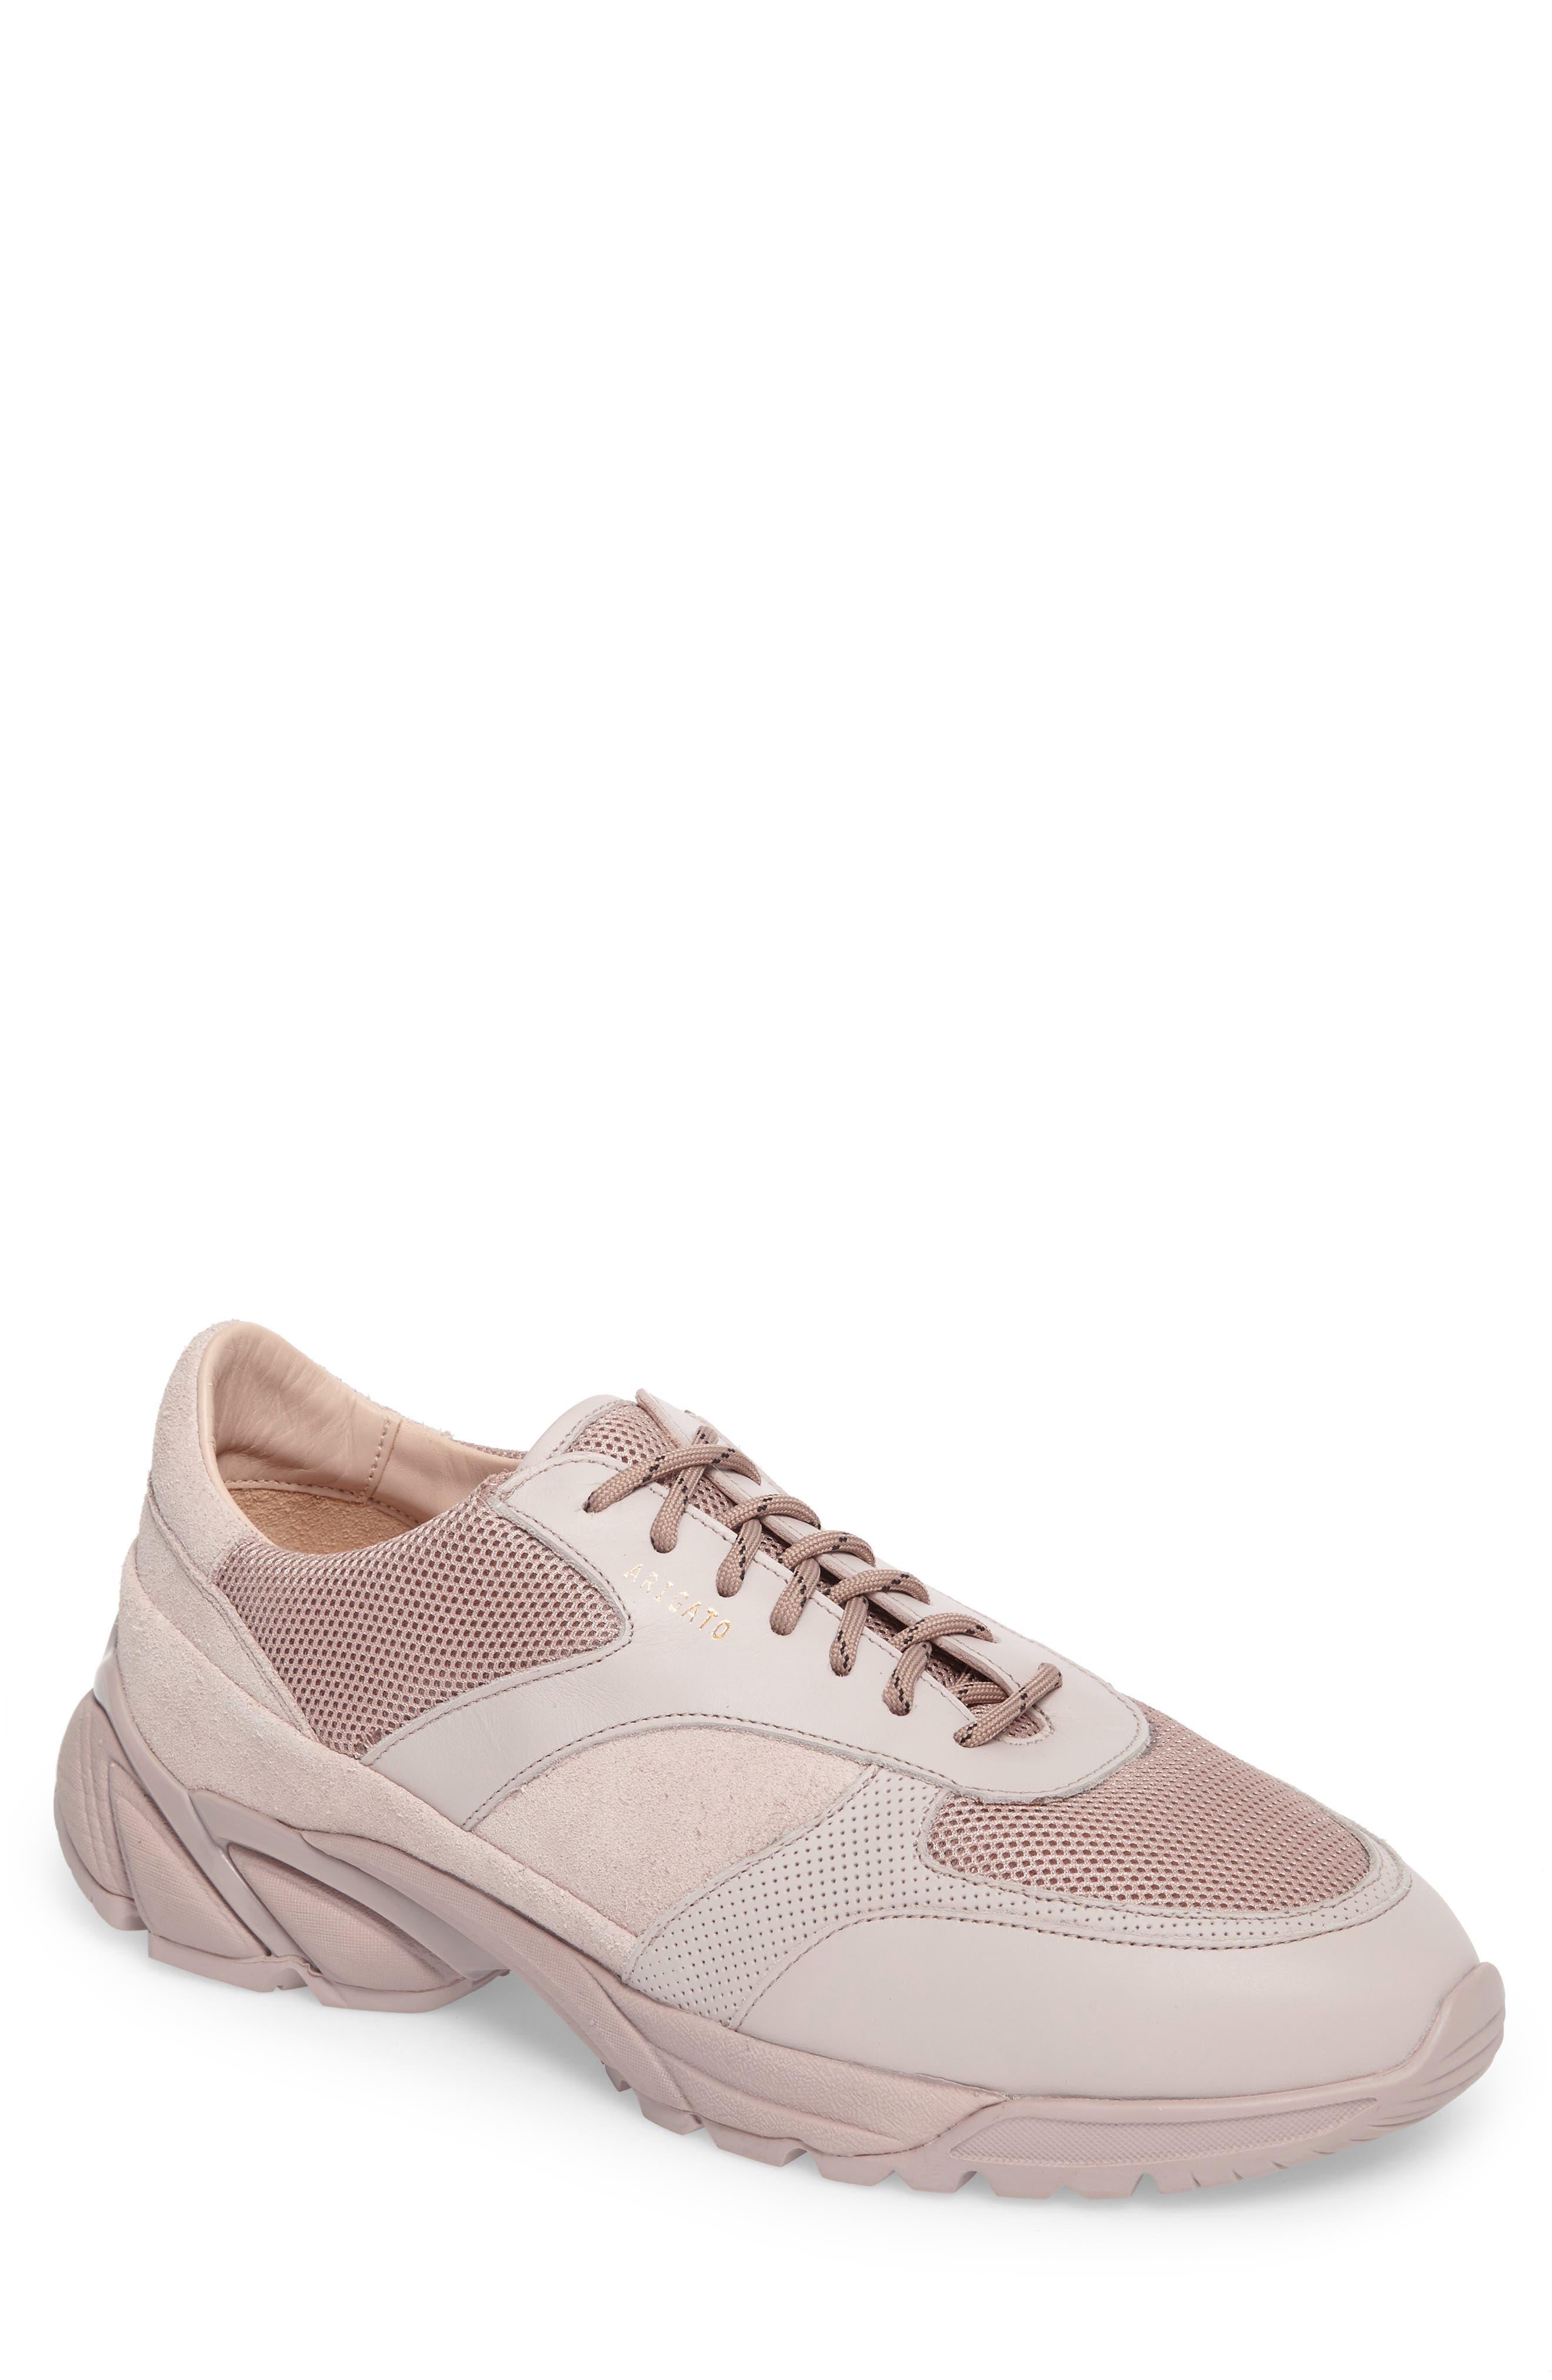 Tech Sneaker,                         Main,                         color, Pale Lilac